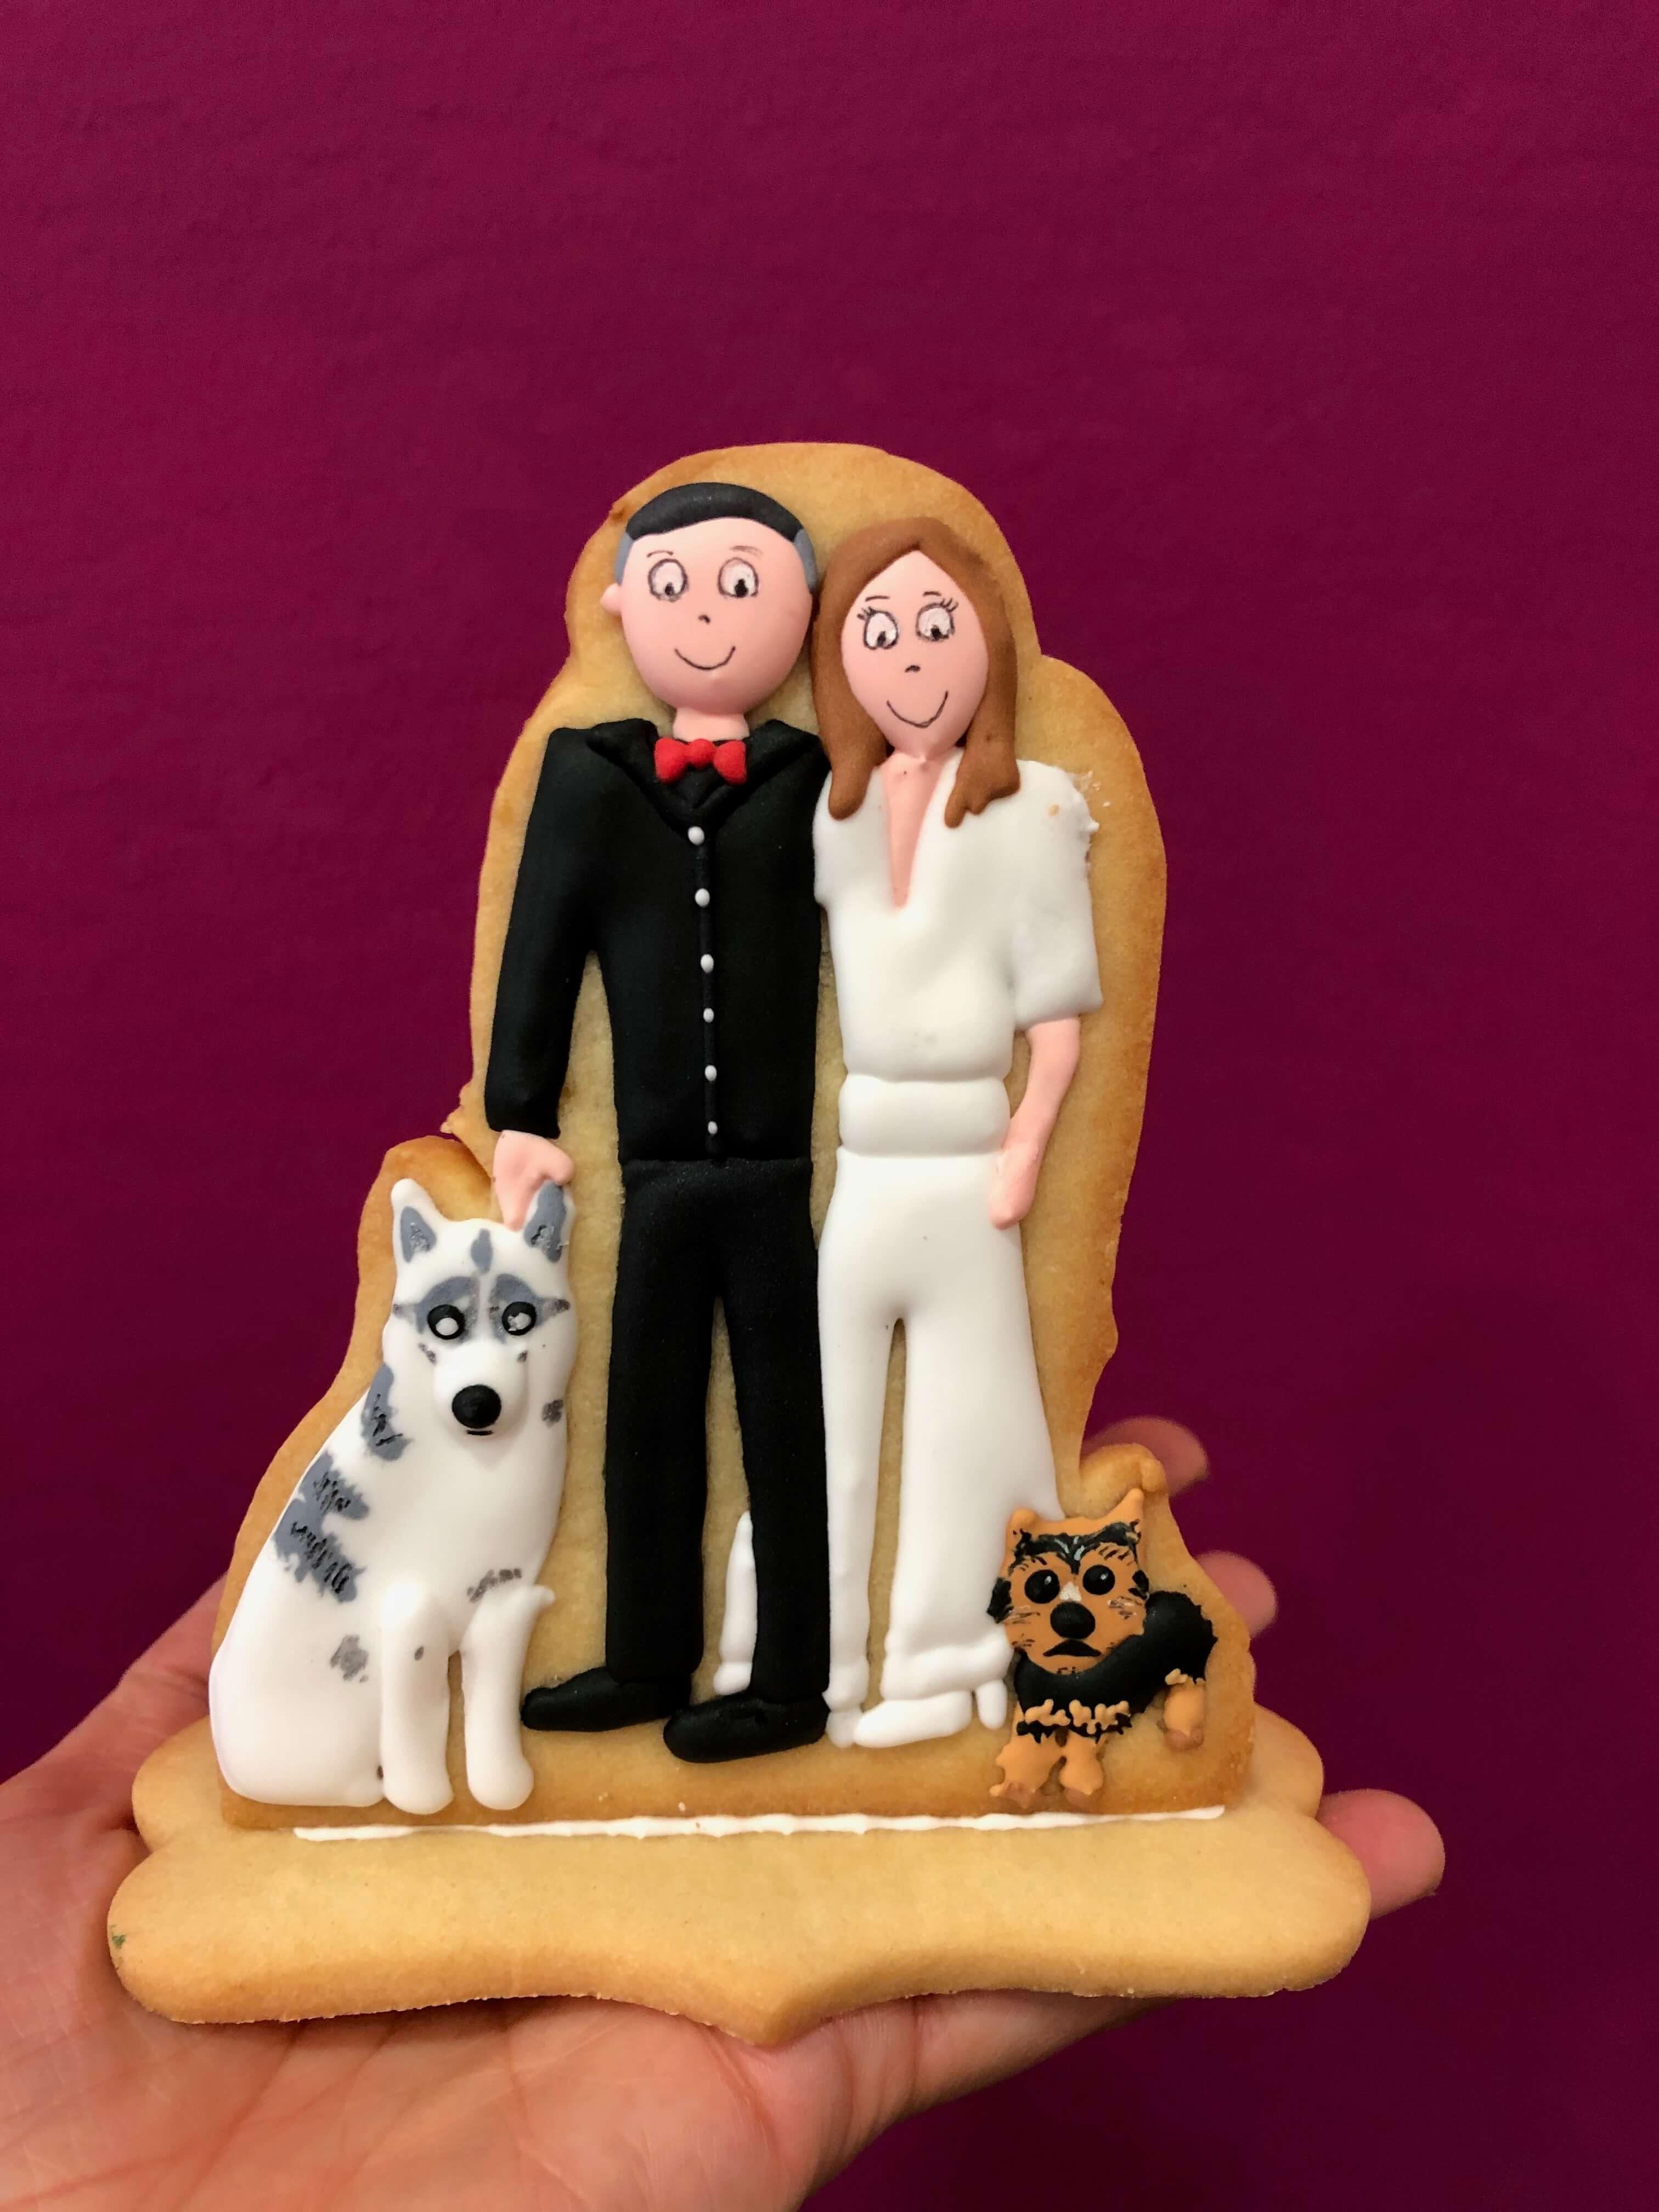 Galletas decoradas novios pareja familia coruña galletas novios galletas aniversario